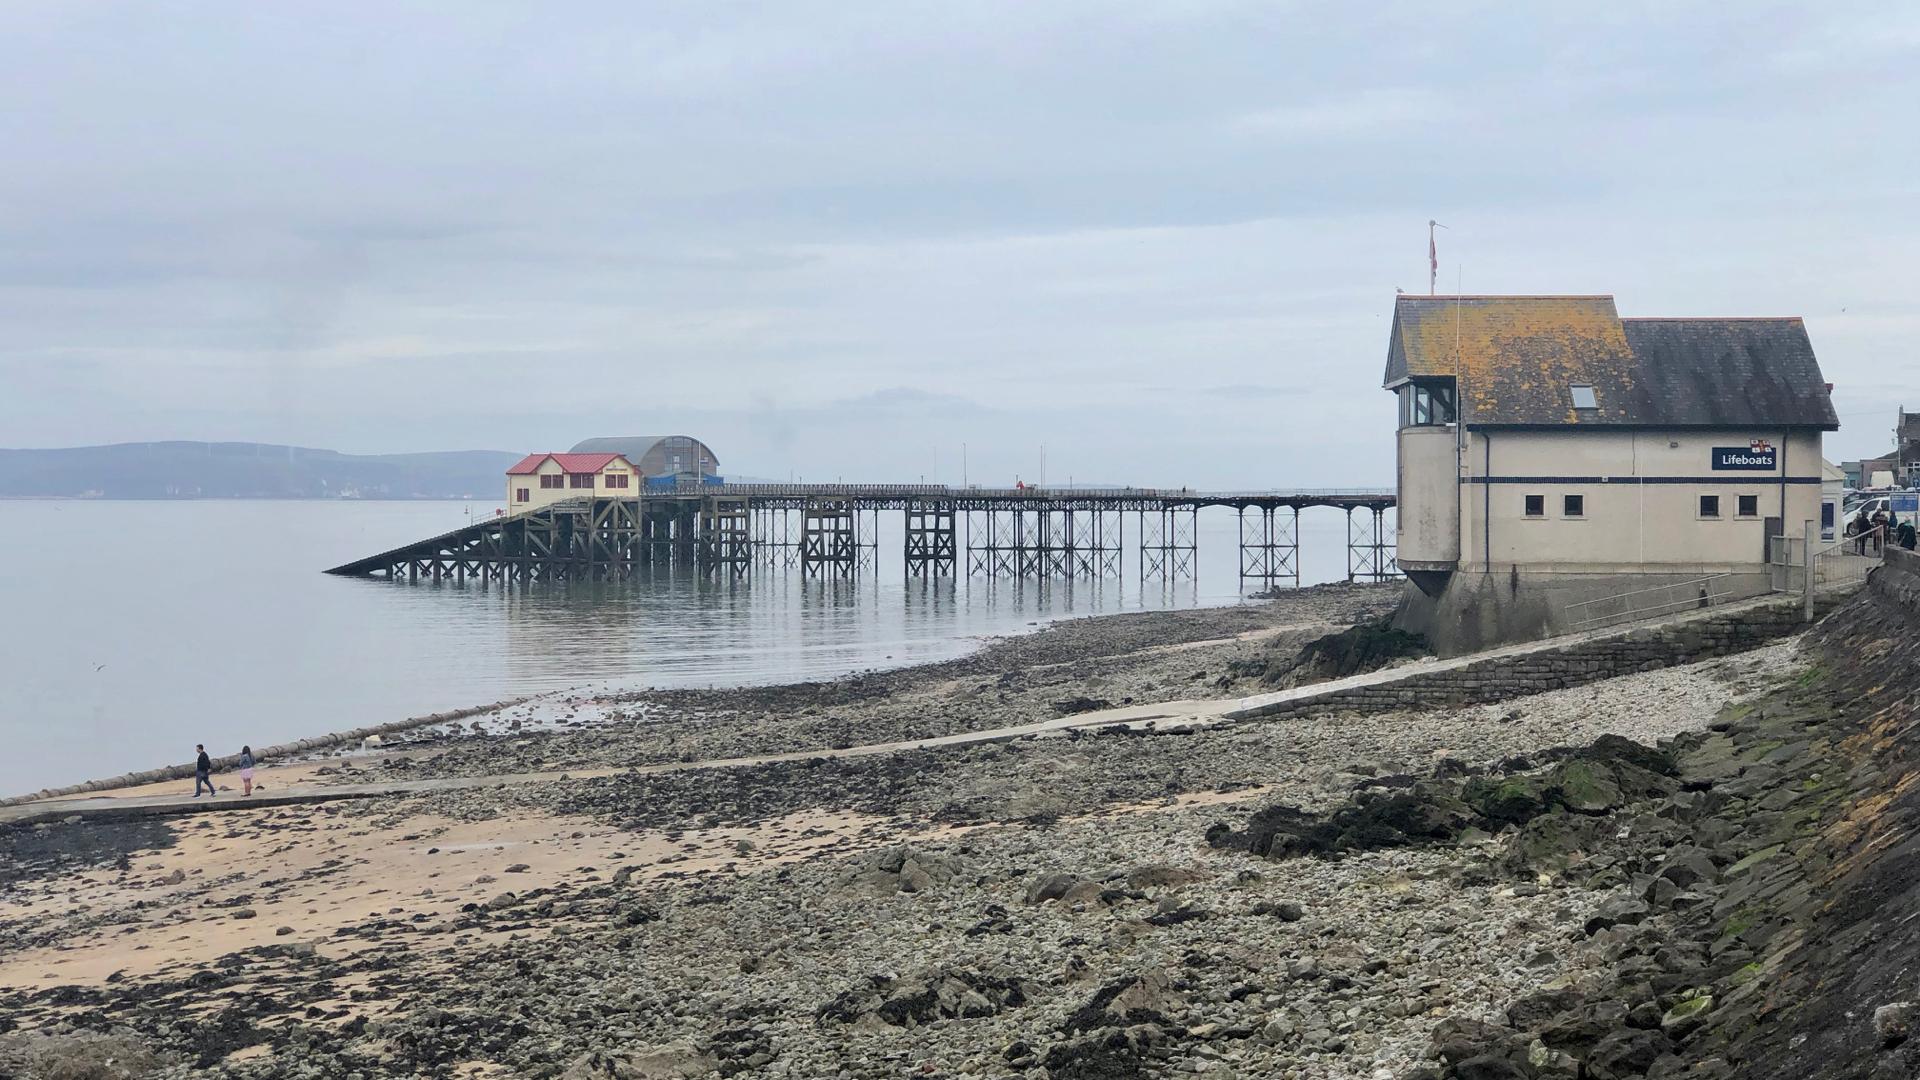 The Mumbles Pier